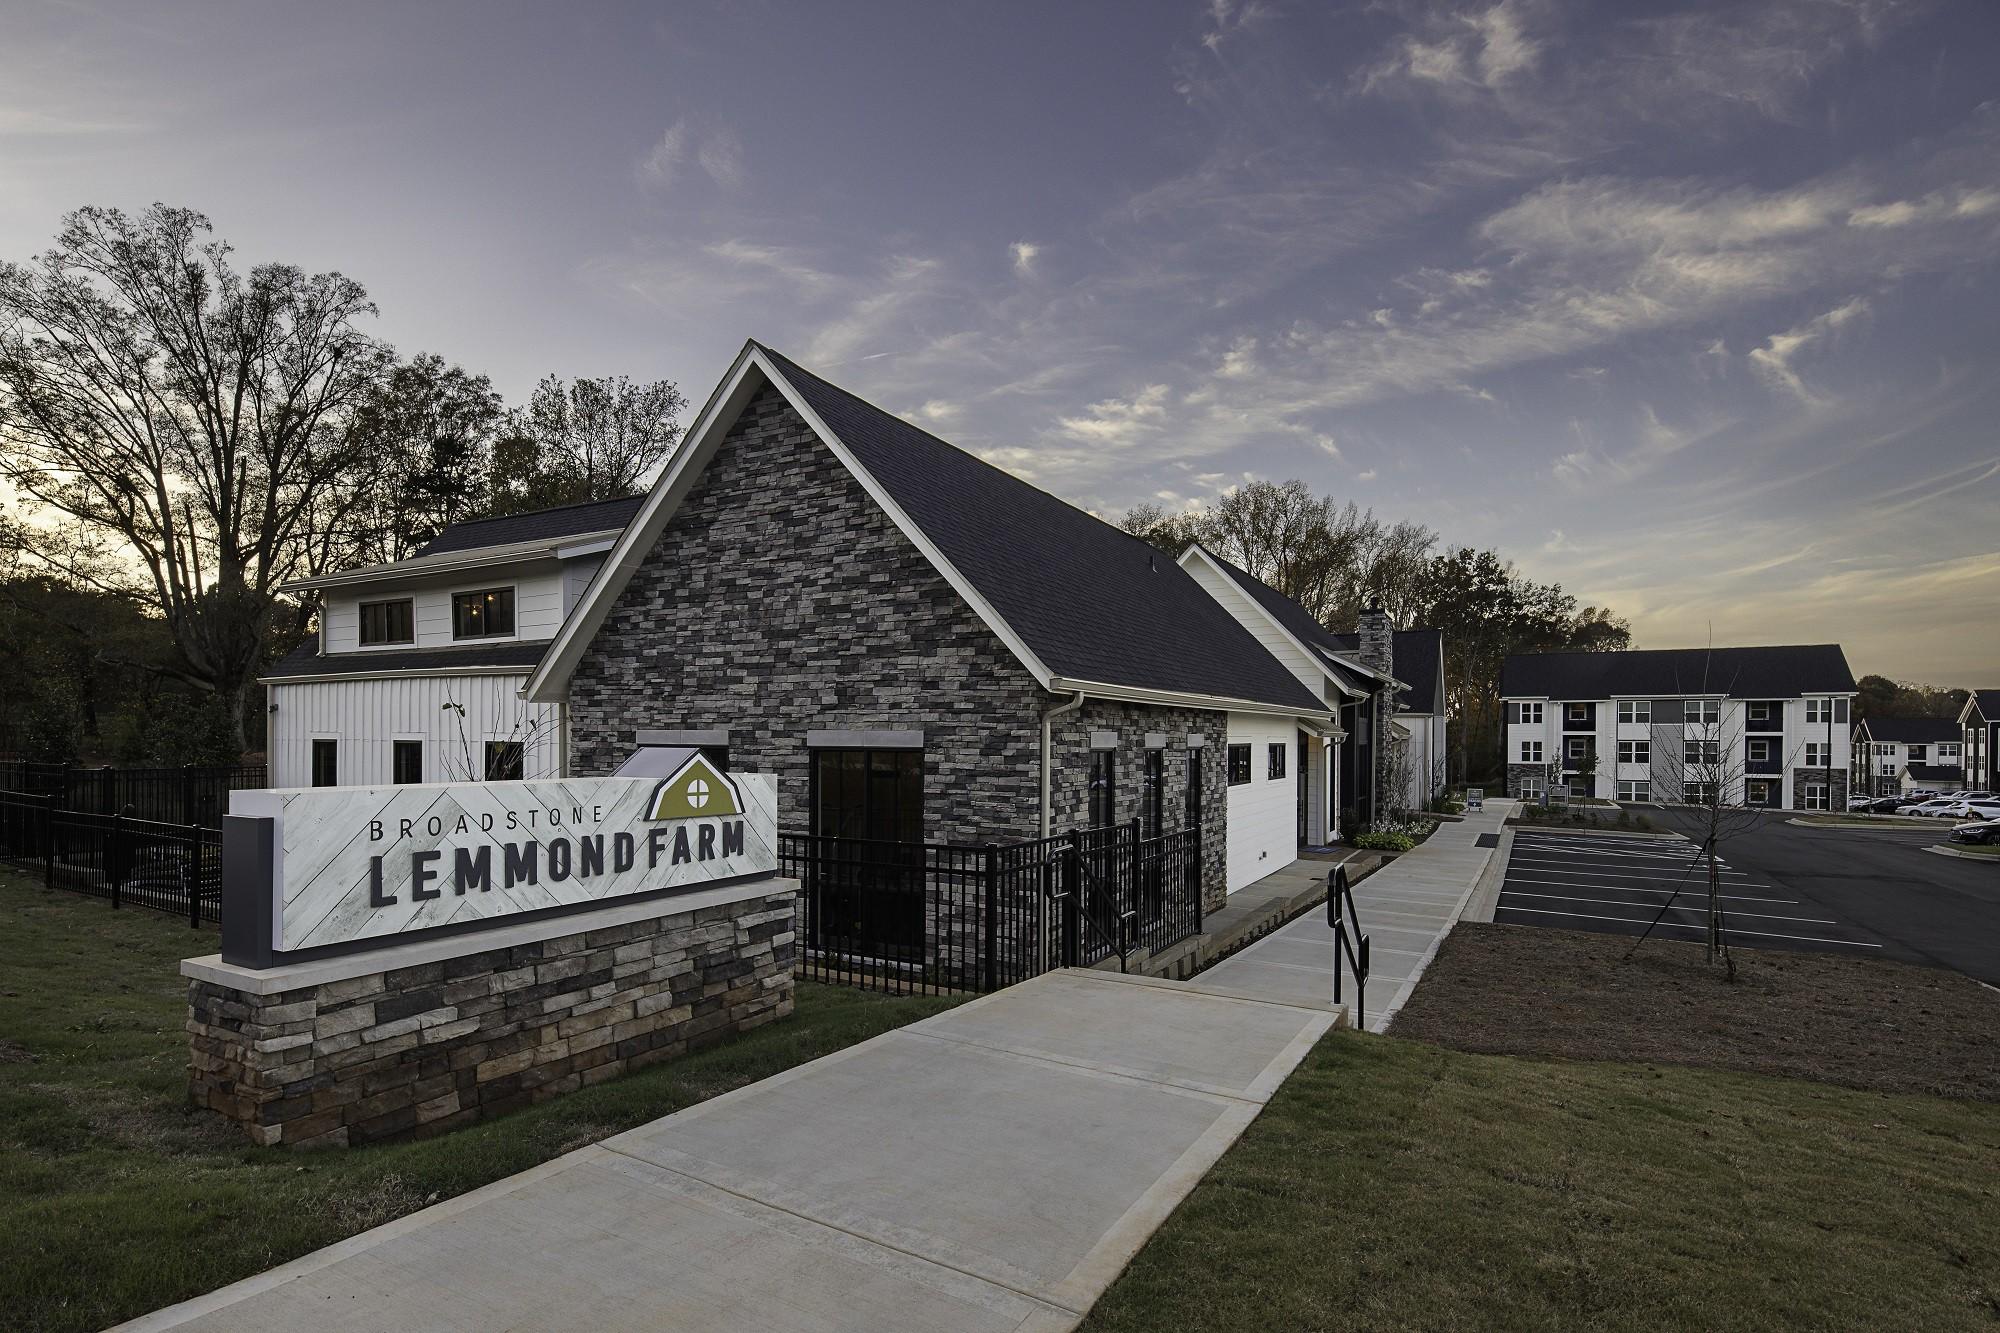 Broadstone Lemmond Farm rental